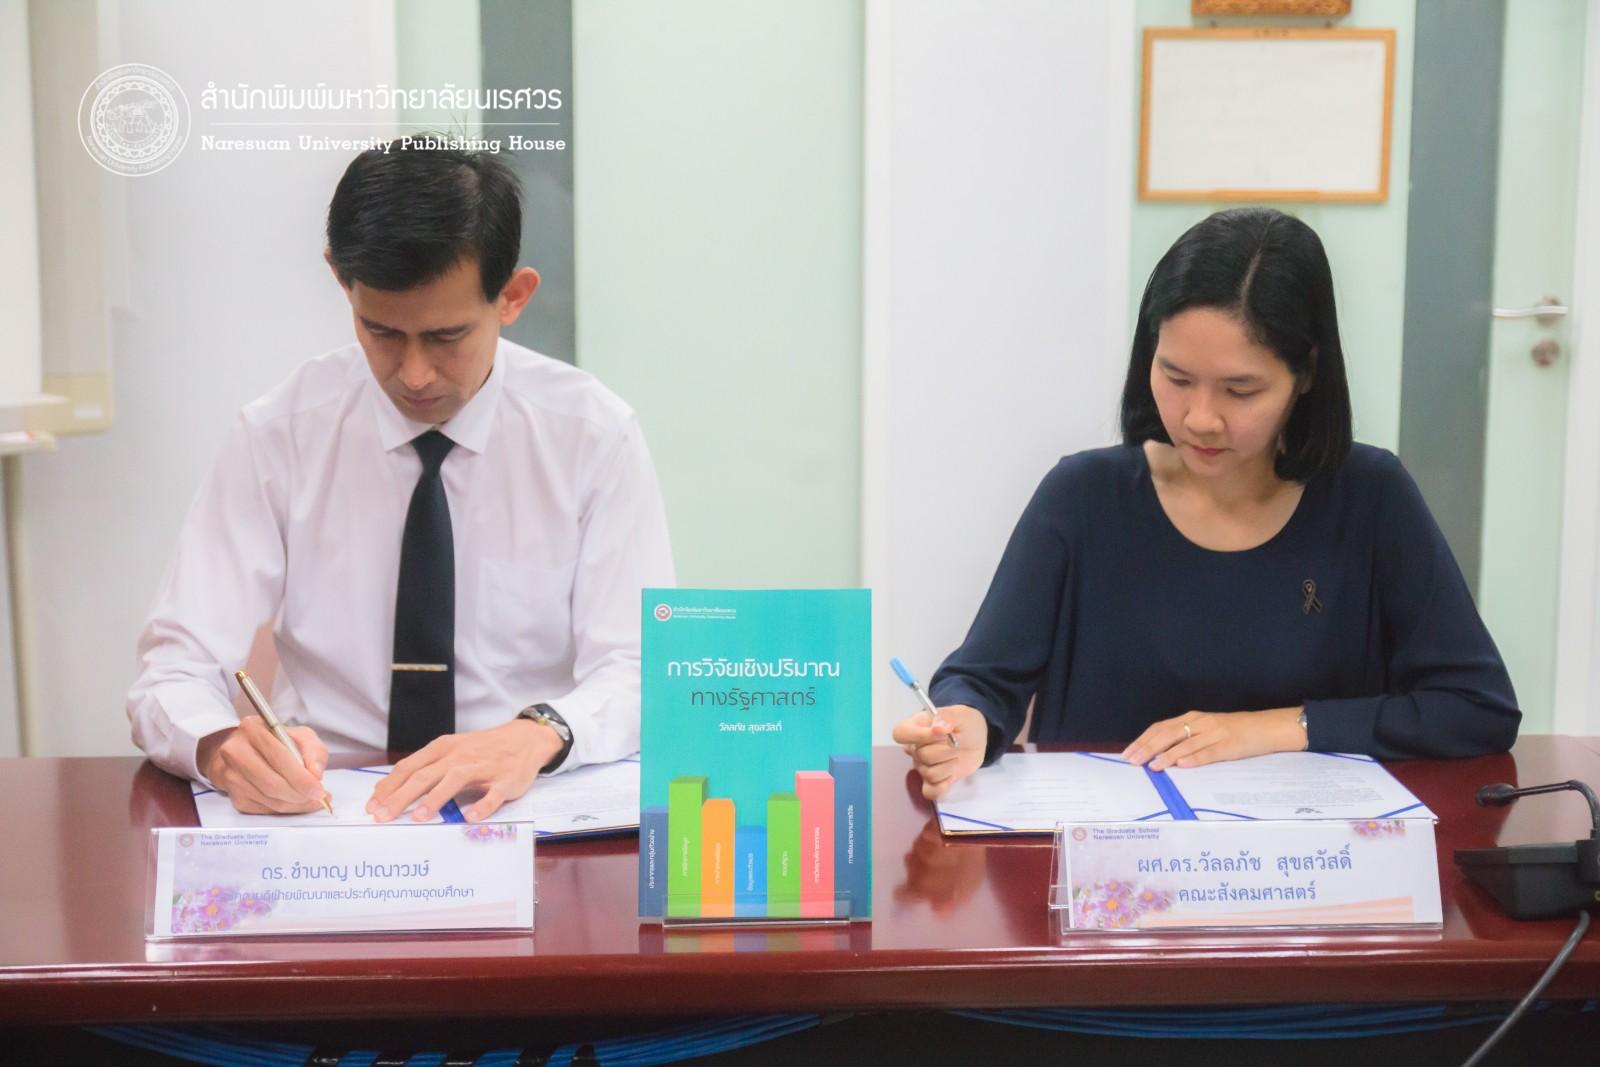 ลงนามเซ็นสัญญาอนุญาตให้ใช้สิทธิ์และจัดพิมพ์งานวรรณกรรม